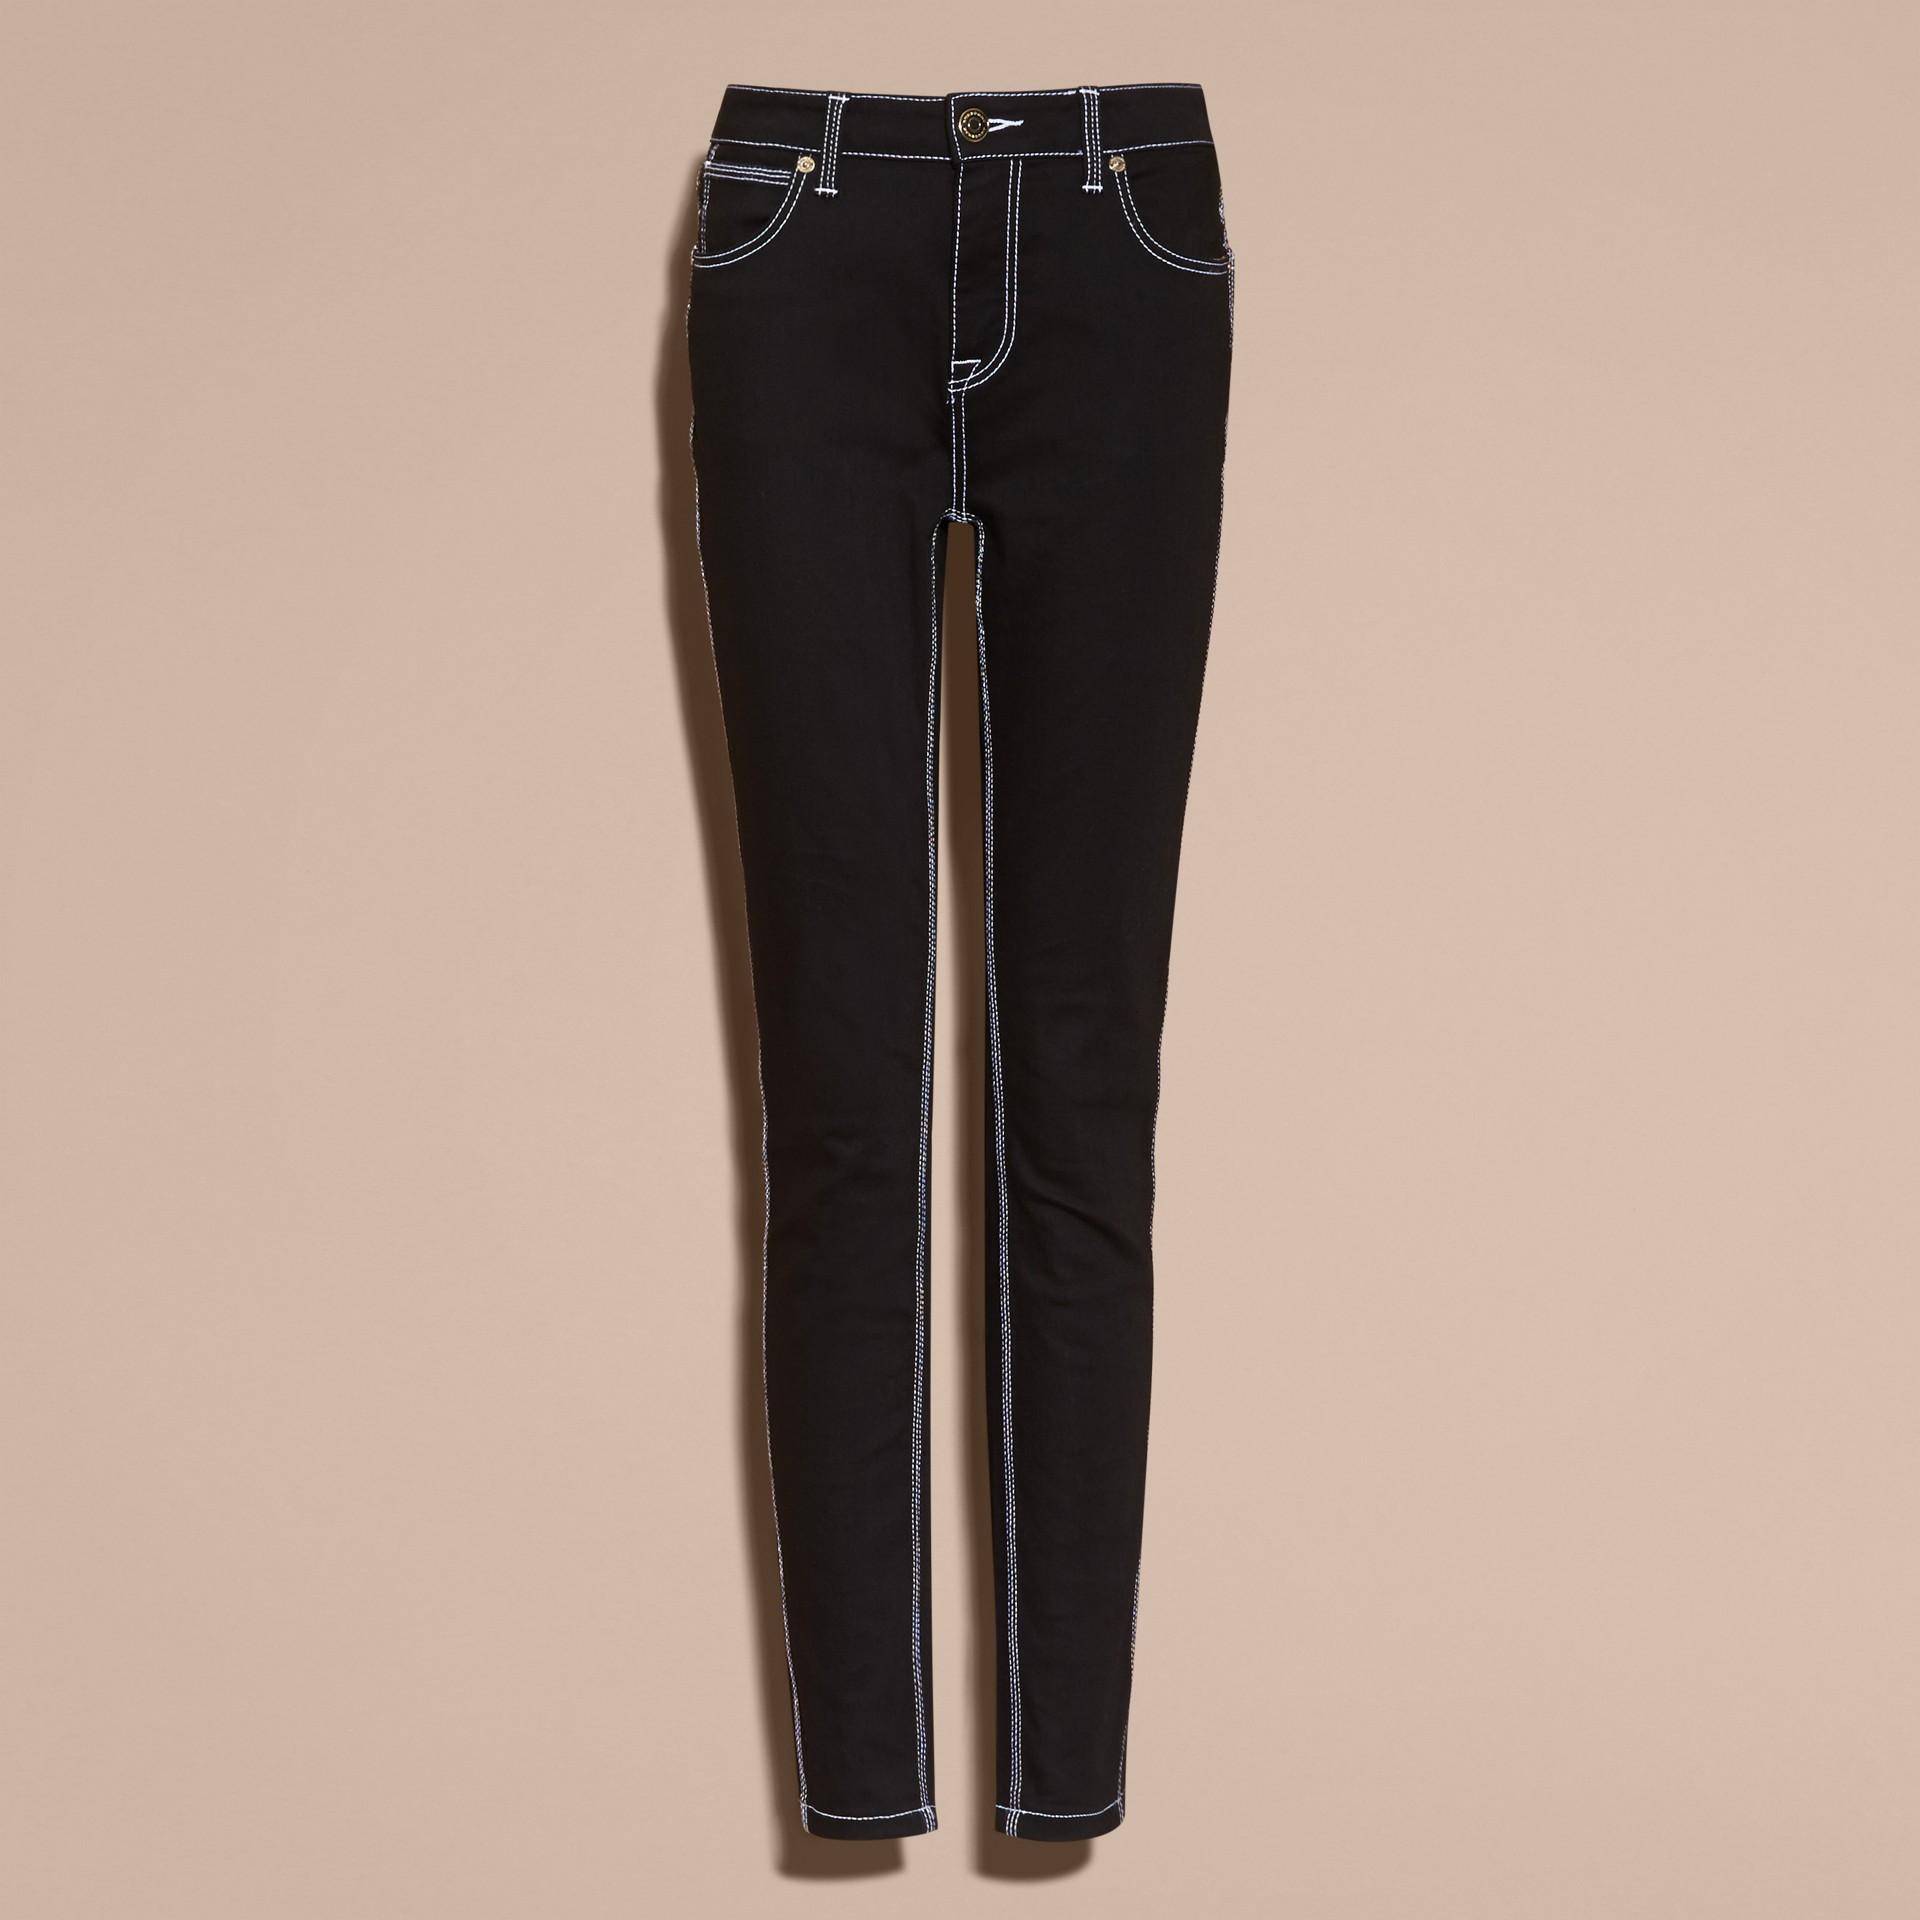 Nero Jeans stretch attillati con impunture a contrasto - immagine della galleria 4